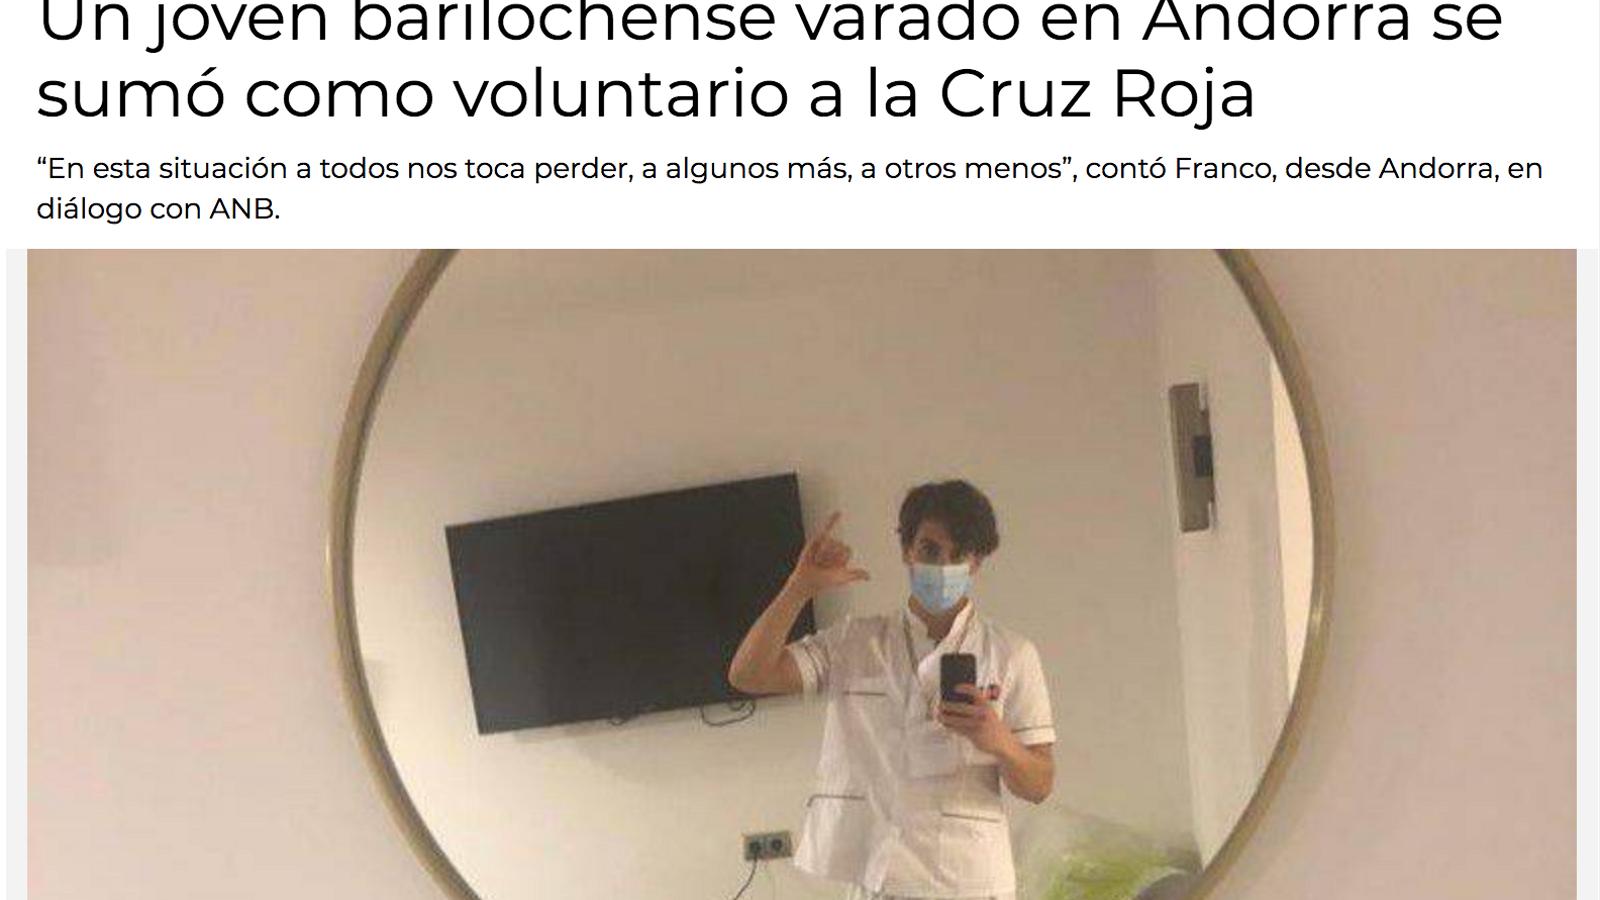 La notícia que es fa ressò del voluntariat del jove argentí. / ANB